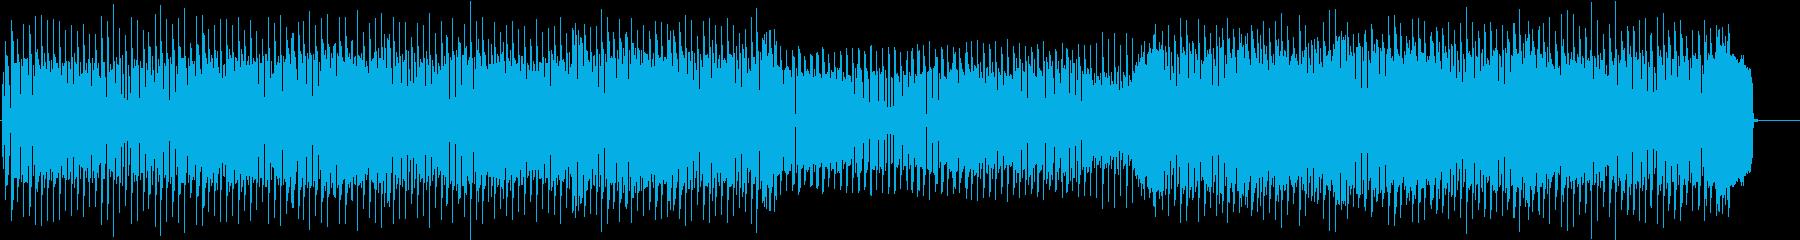 モダンで都会的なディスコの再生済みの波形